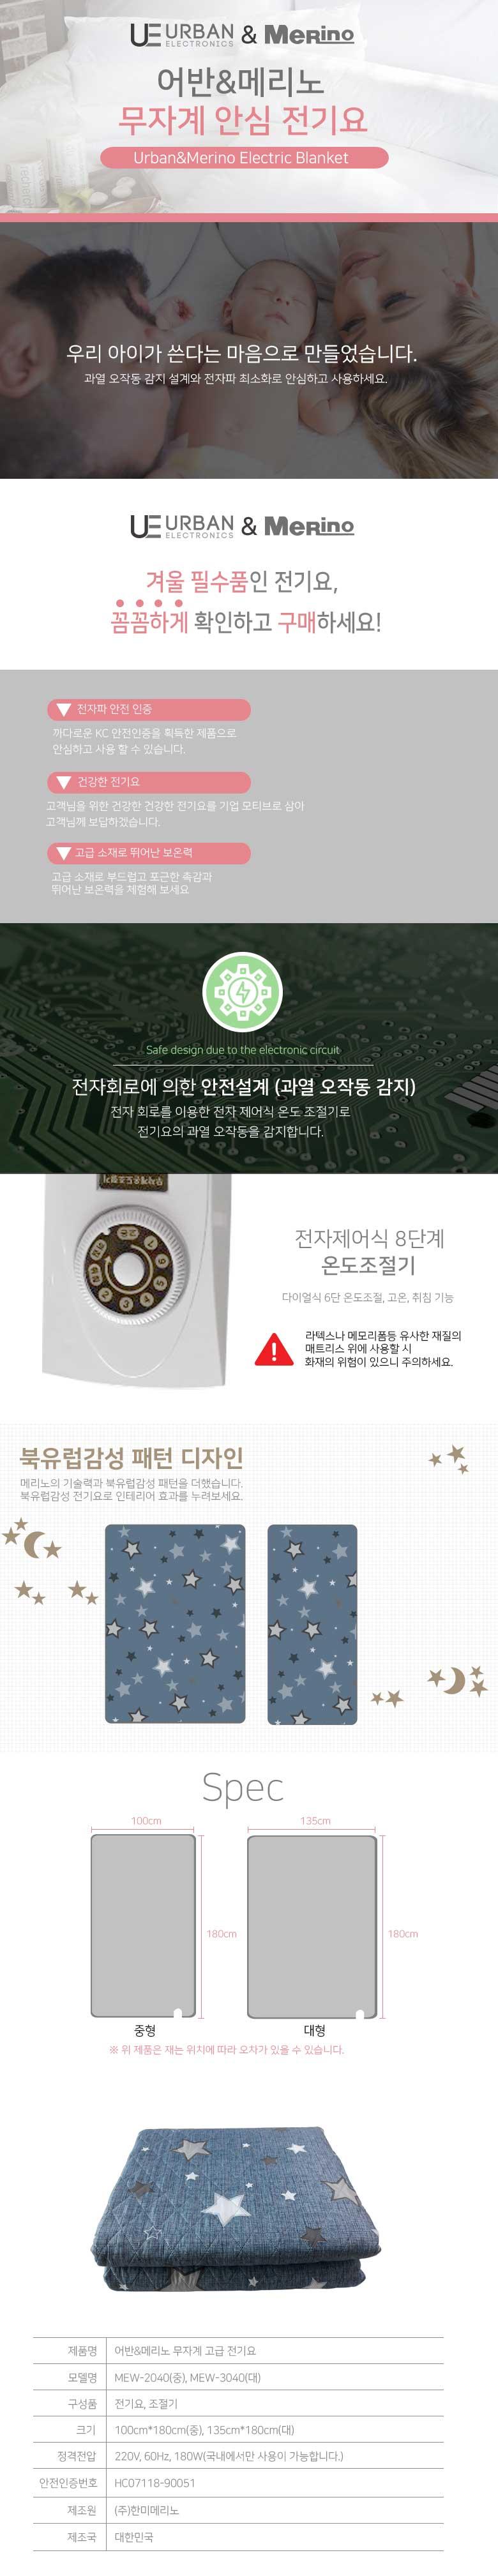 한미메리노 어반&메리노 무자계 안심 전기요 (1인용, 100x180cm, 싱글(중형), MEW-2040)